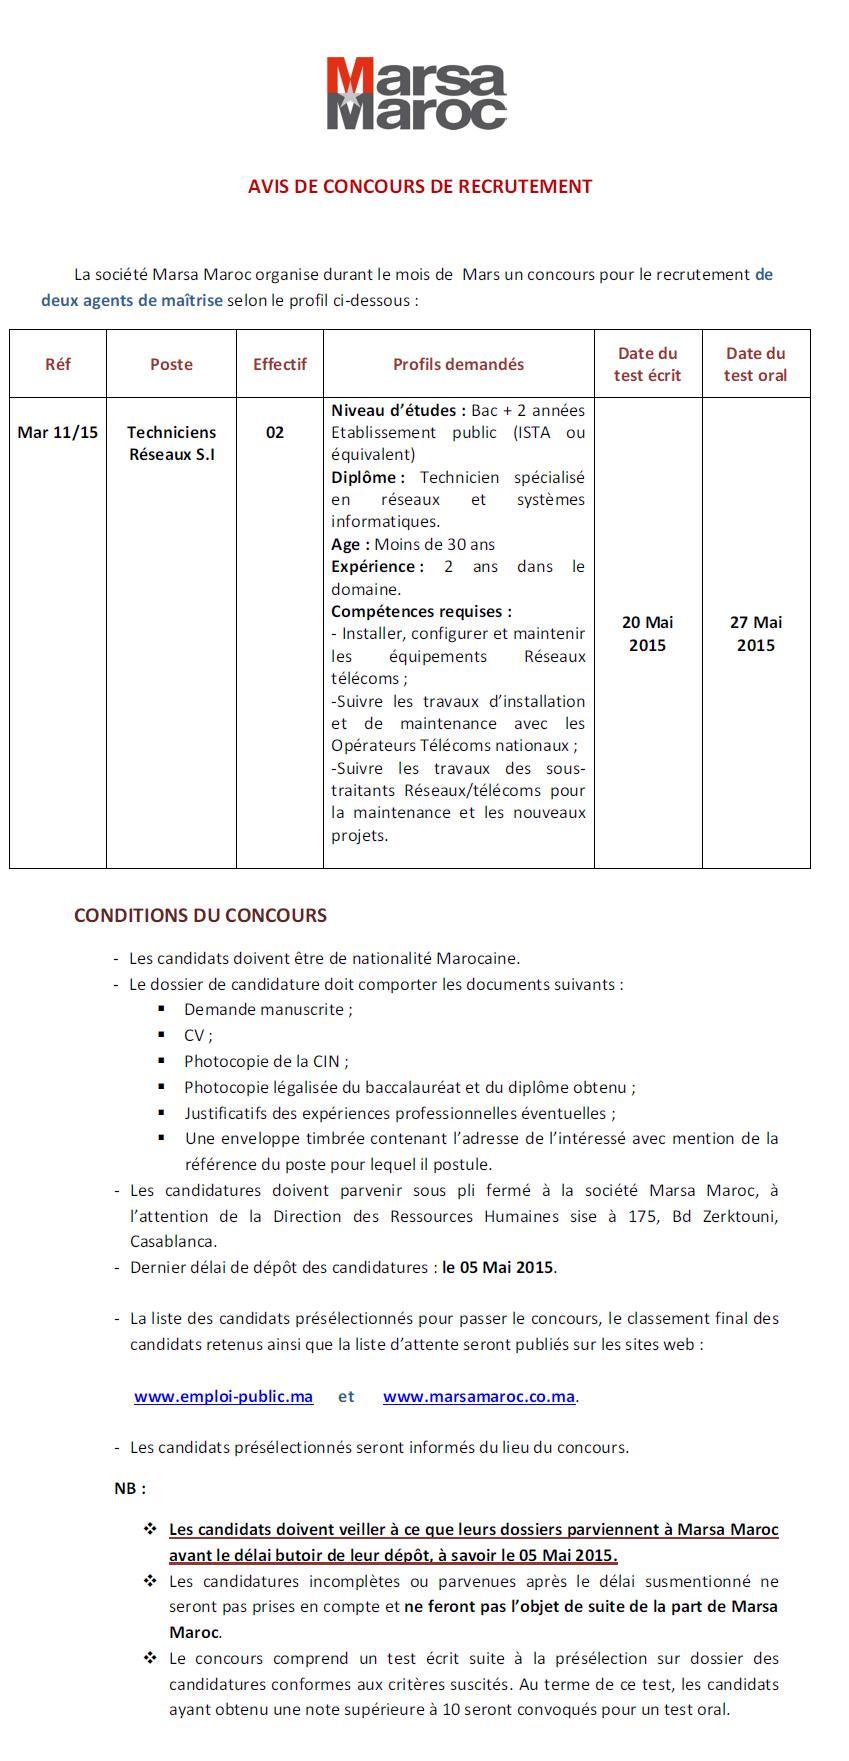 شركة استغلال المونئ (مرسى ماروك) : مباراة لتوظيف تقني مالي (2 منصبان) و تقني شبكة الإعلاميات (2 منصبان) آخر أجل لإيداع الترشيحات 5 ماي 2015  Concou74